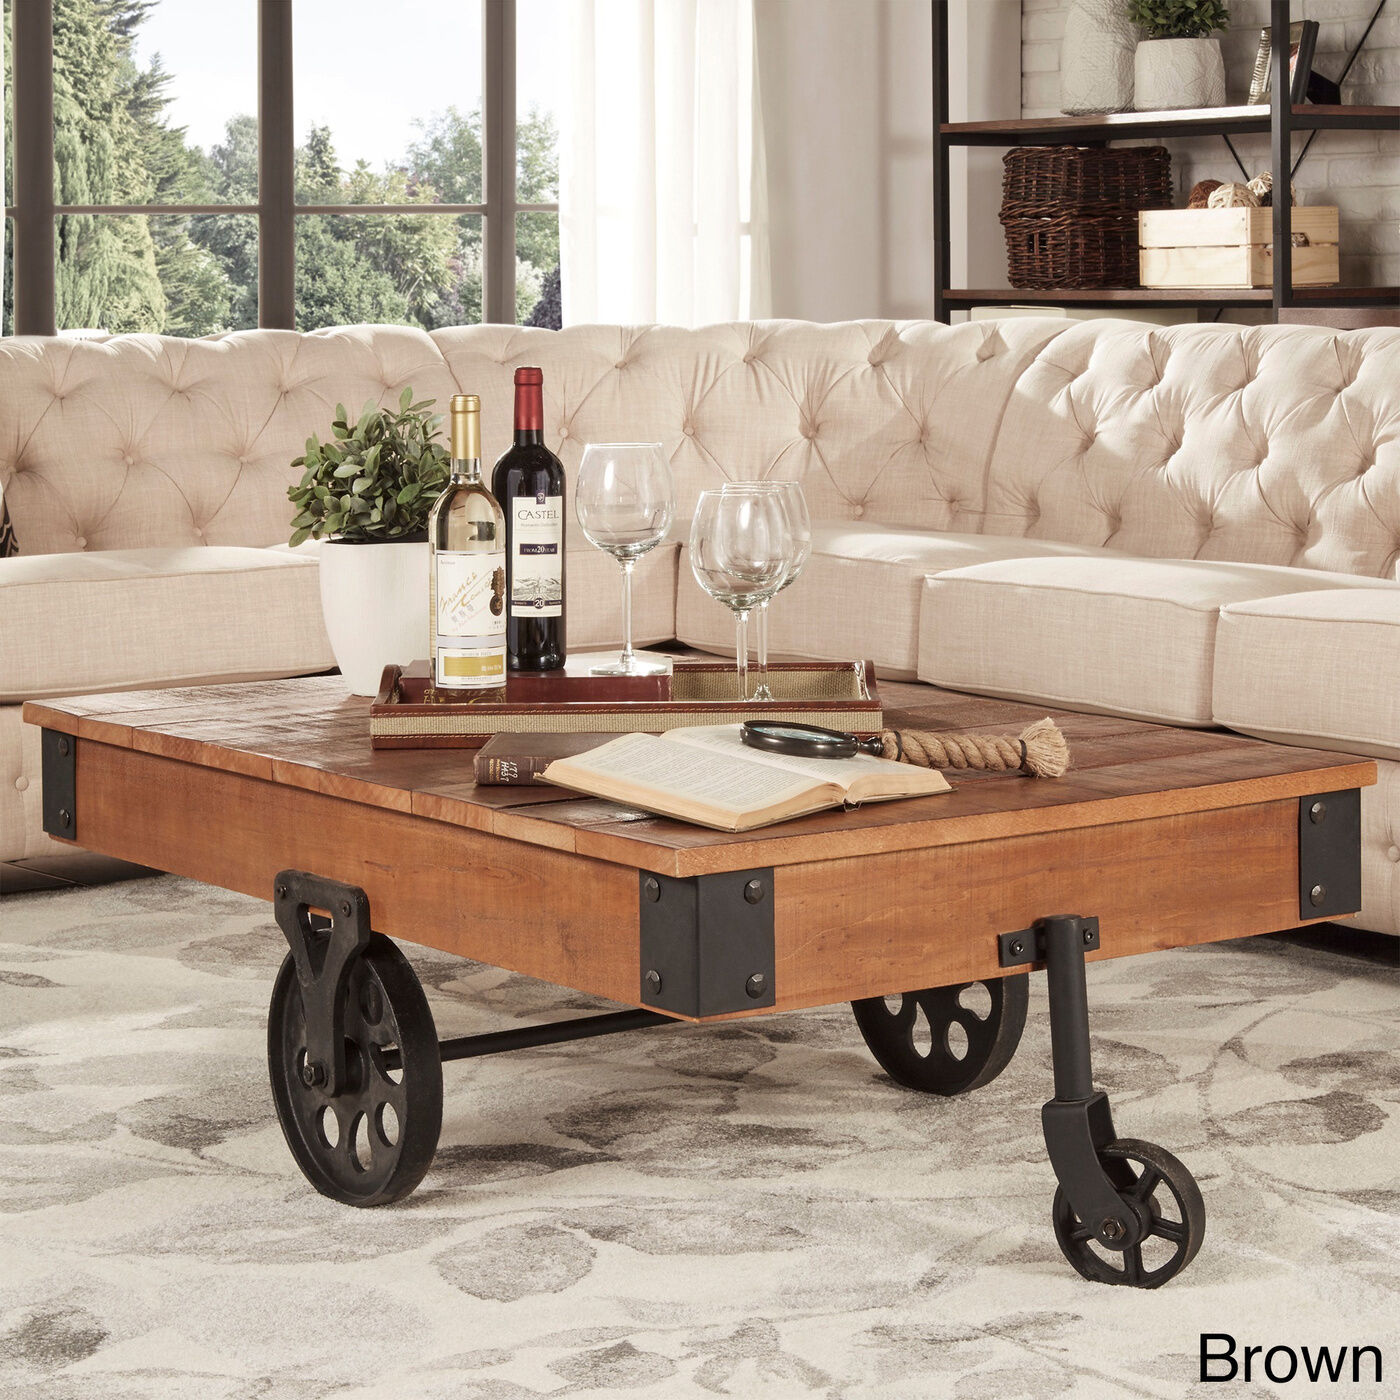 Rustic Coffee Table Industrial Wheels Cocktail Modern Wood